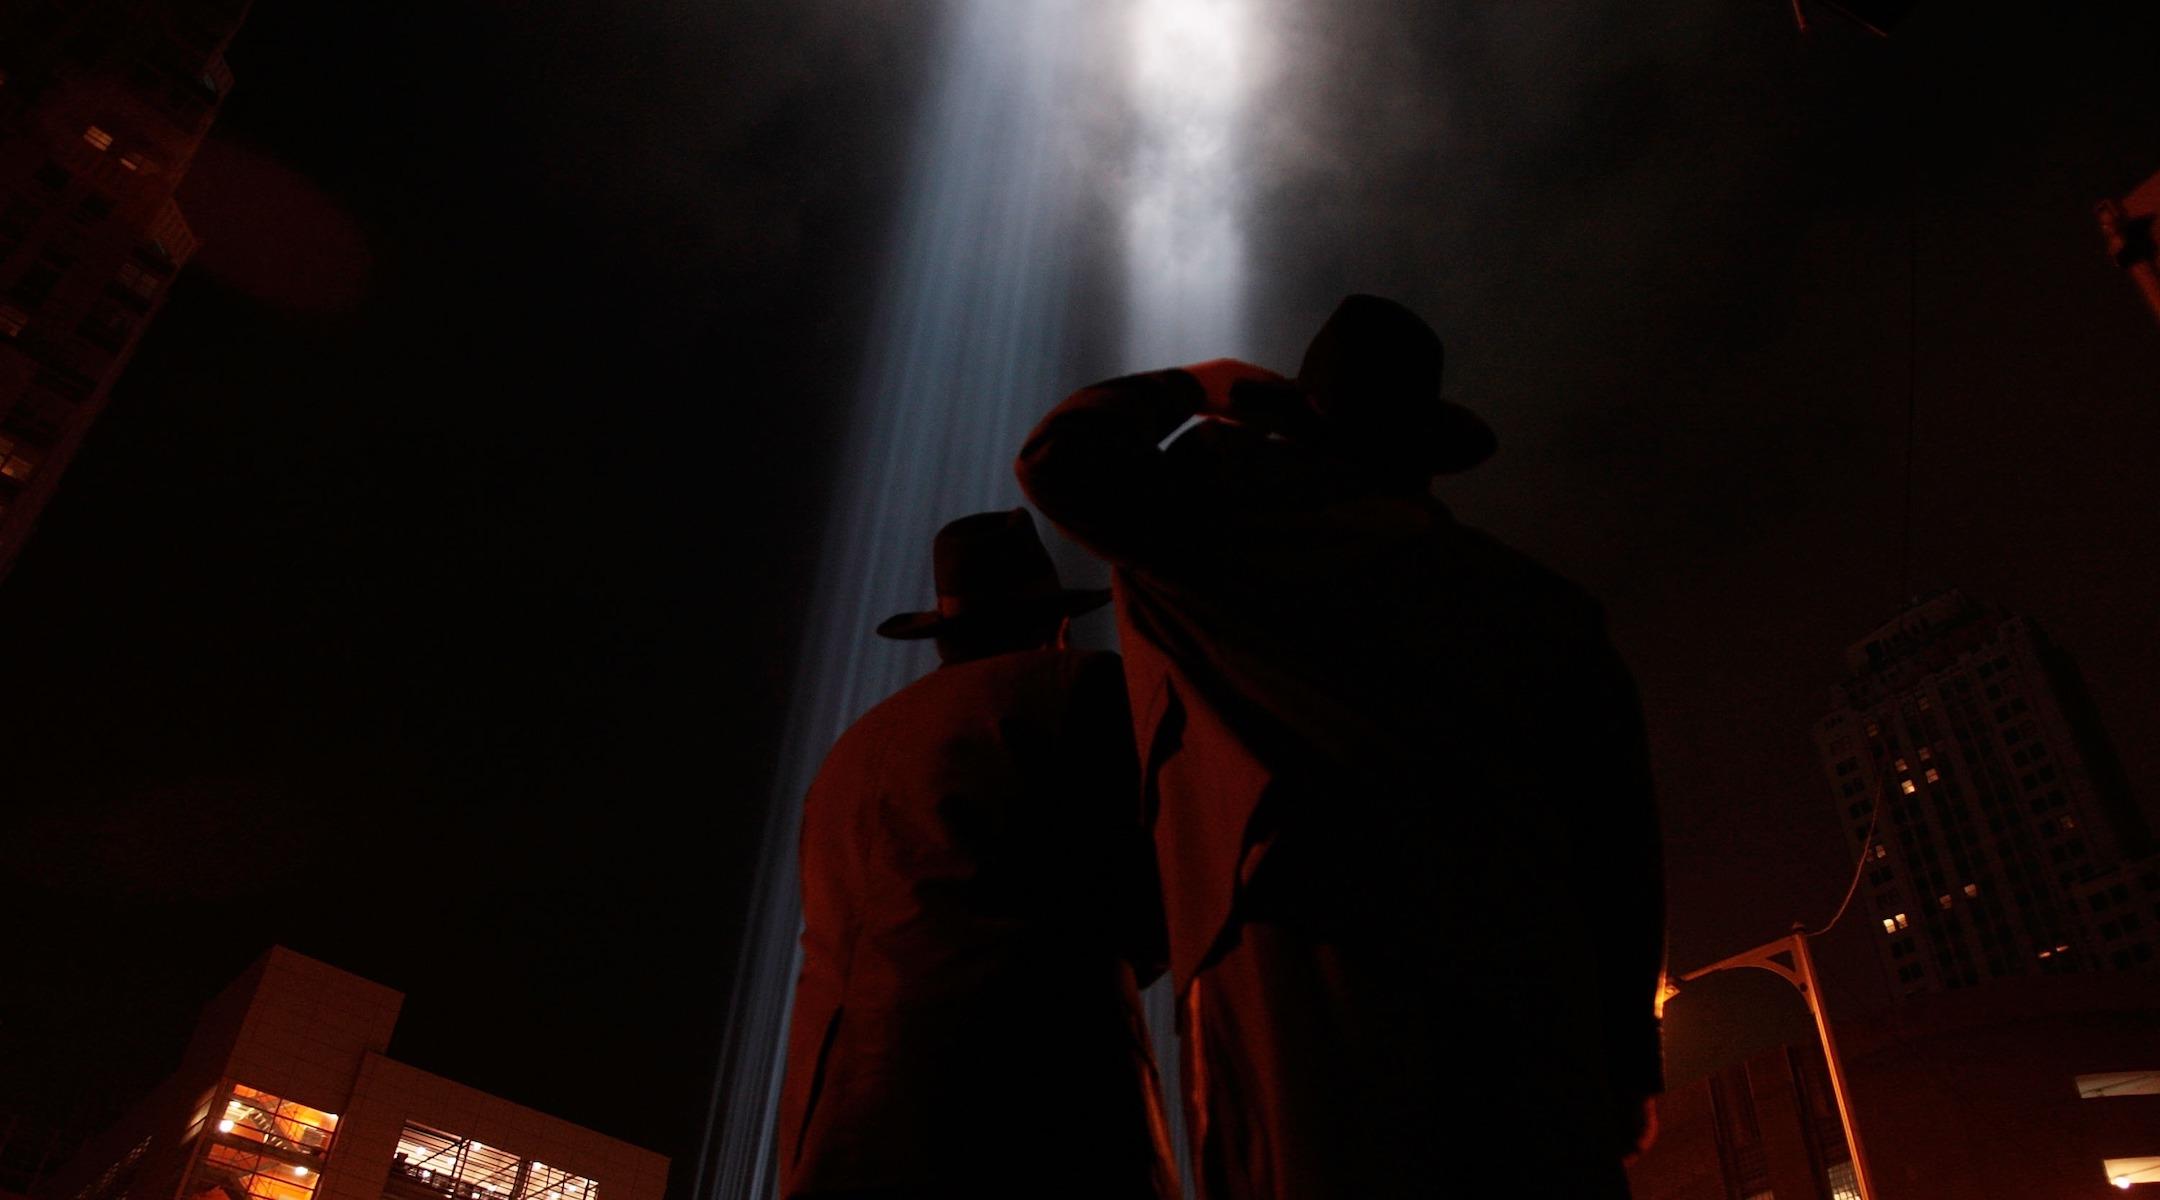 orthodox jewish men at ground zero